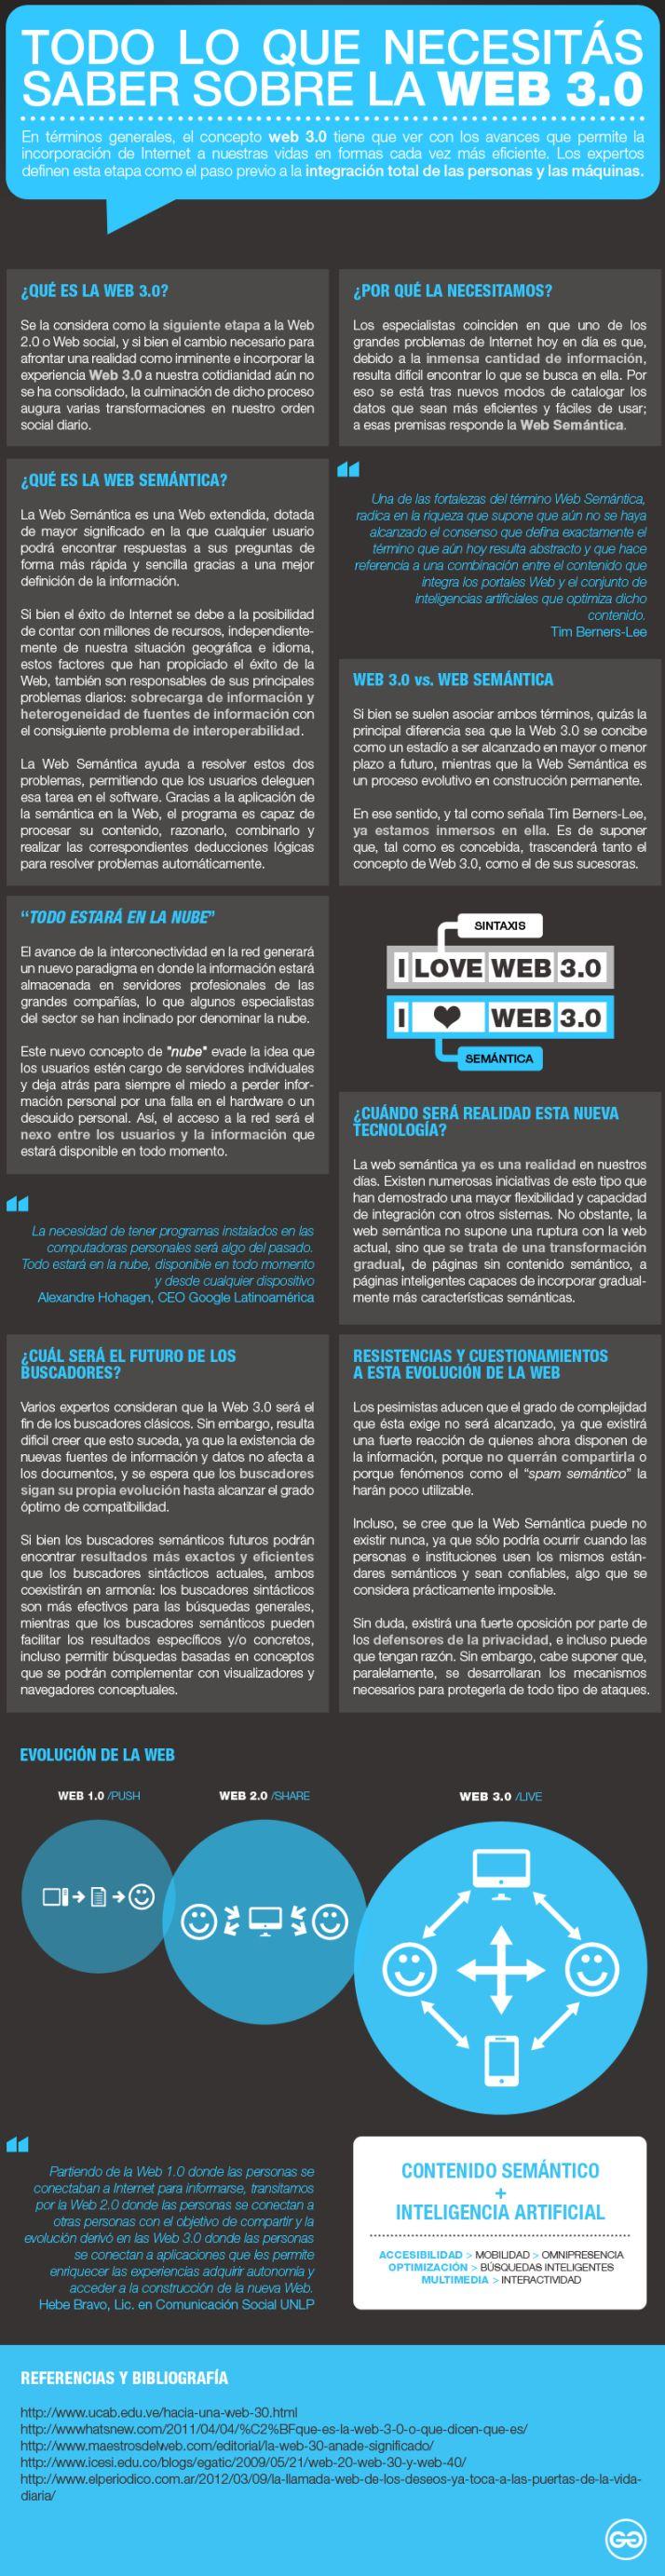 Todo lo que debes saber sobre la Web 3.0 #web30 #SocialMedia